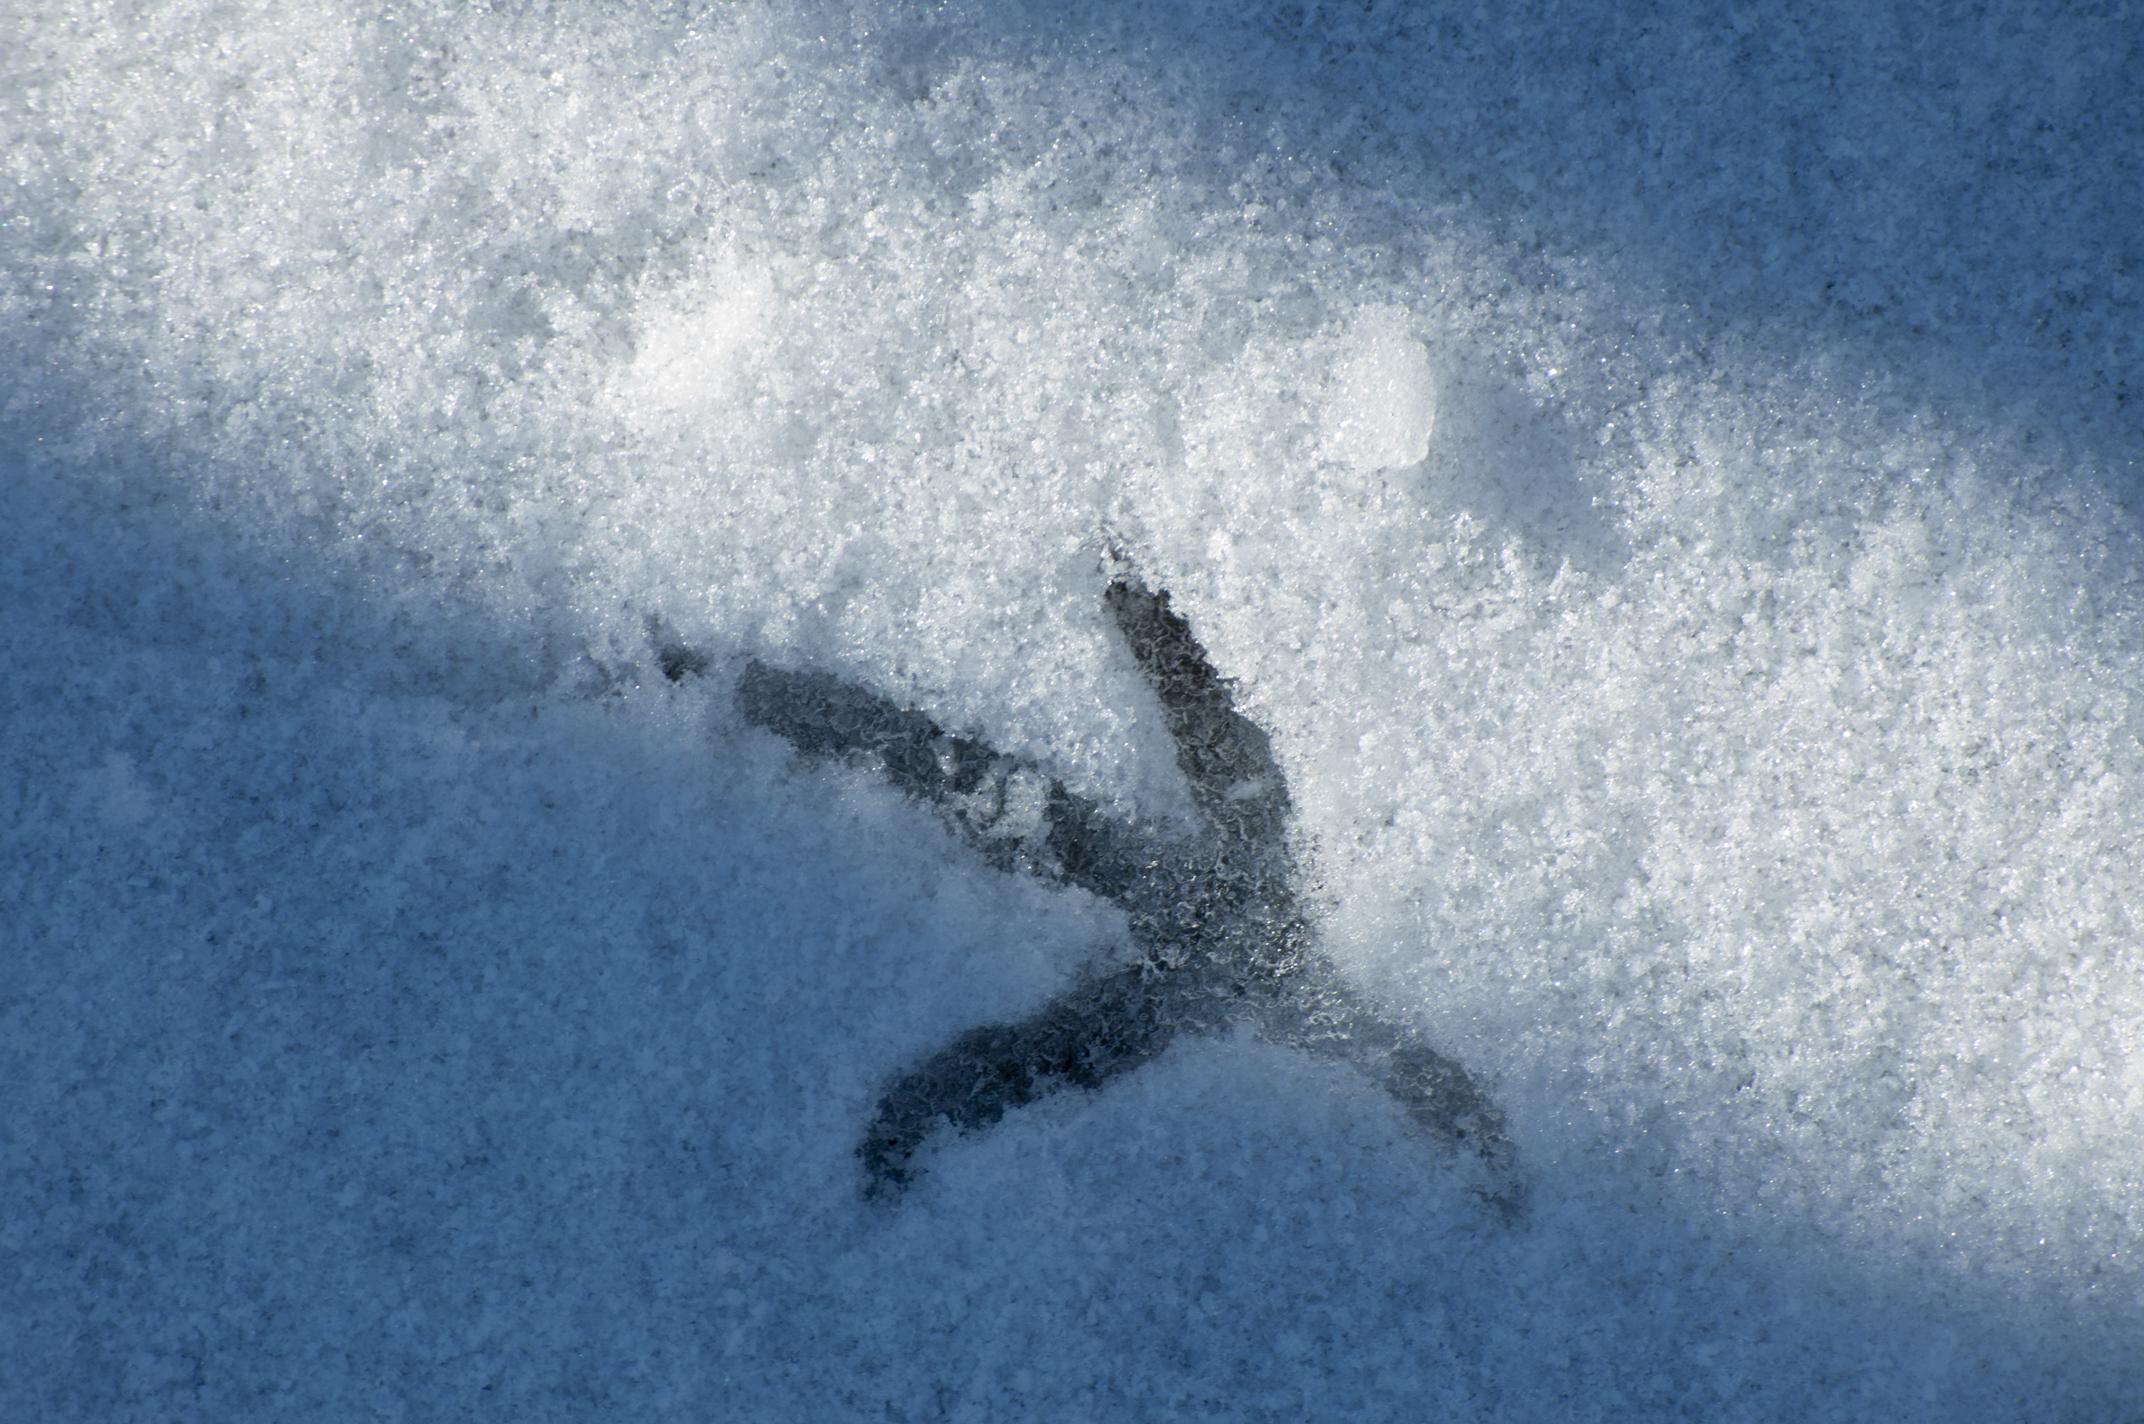 footprint by anacondakamil